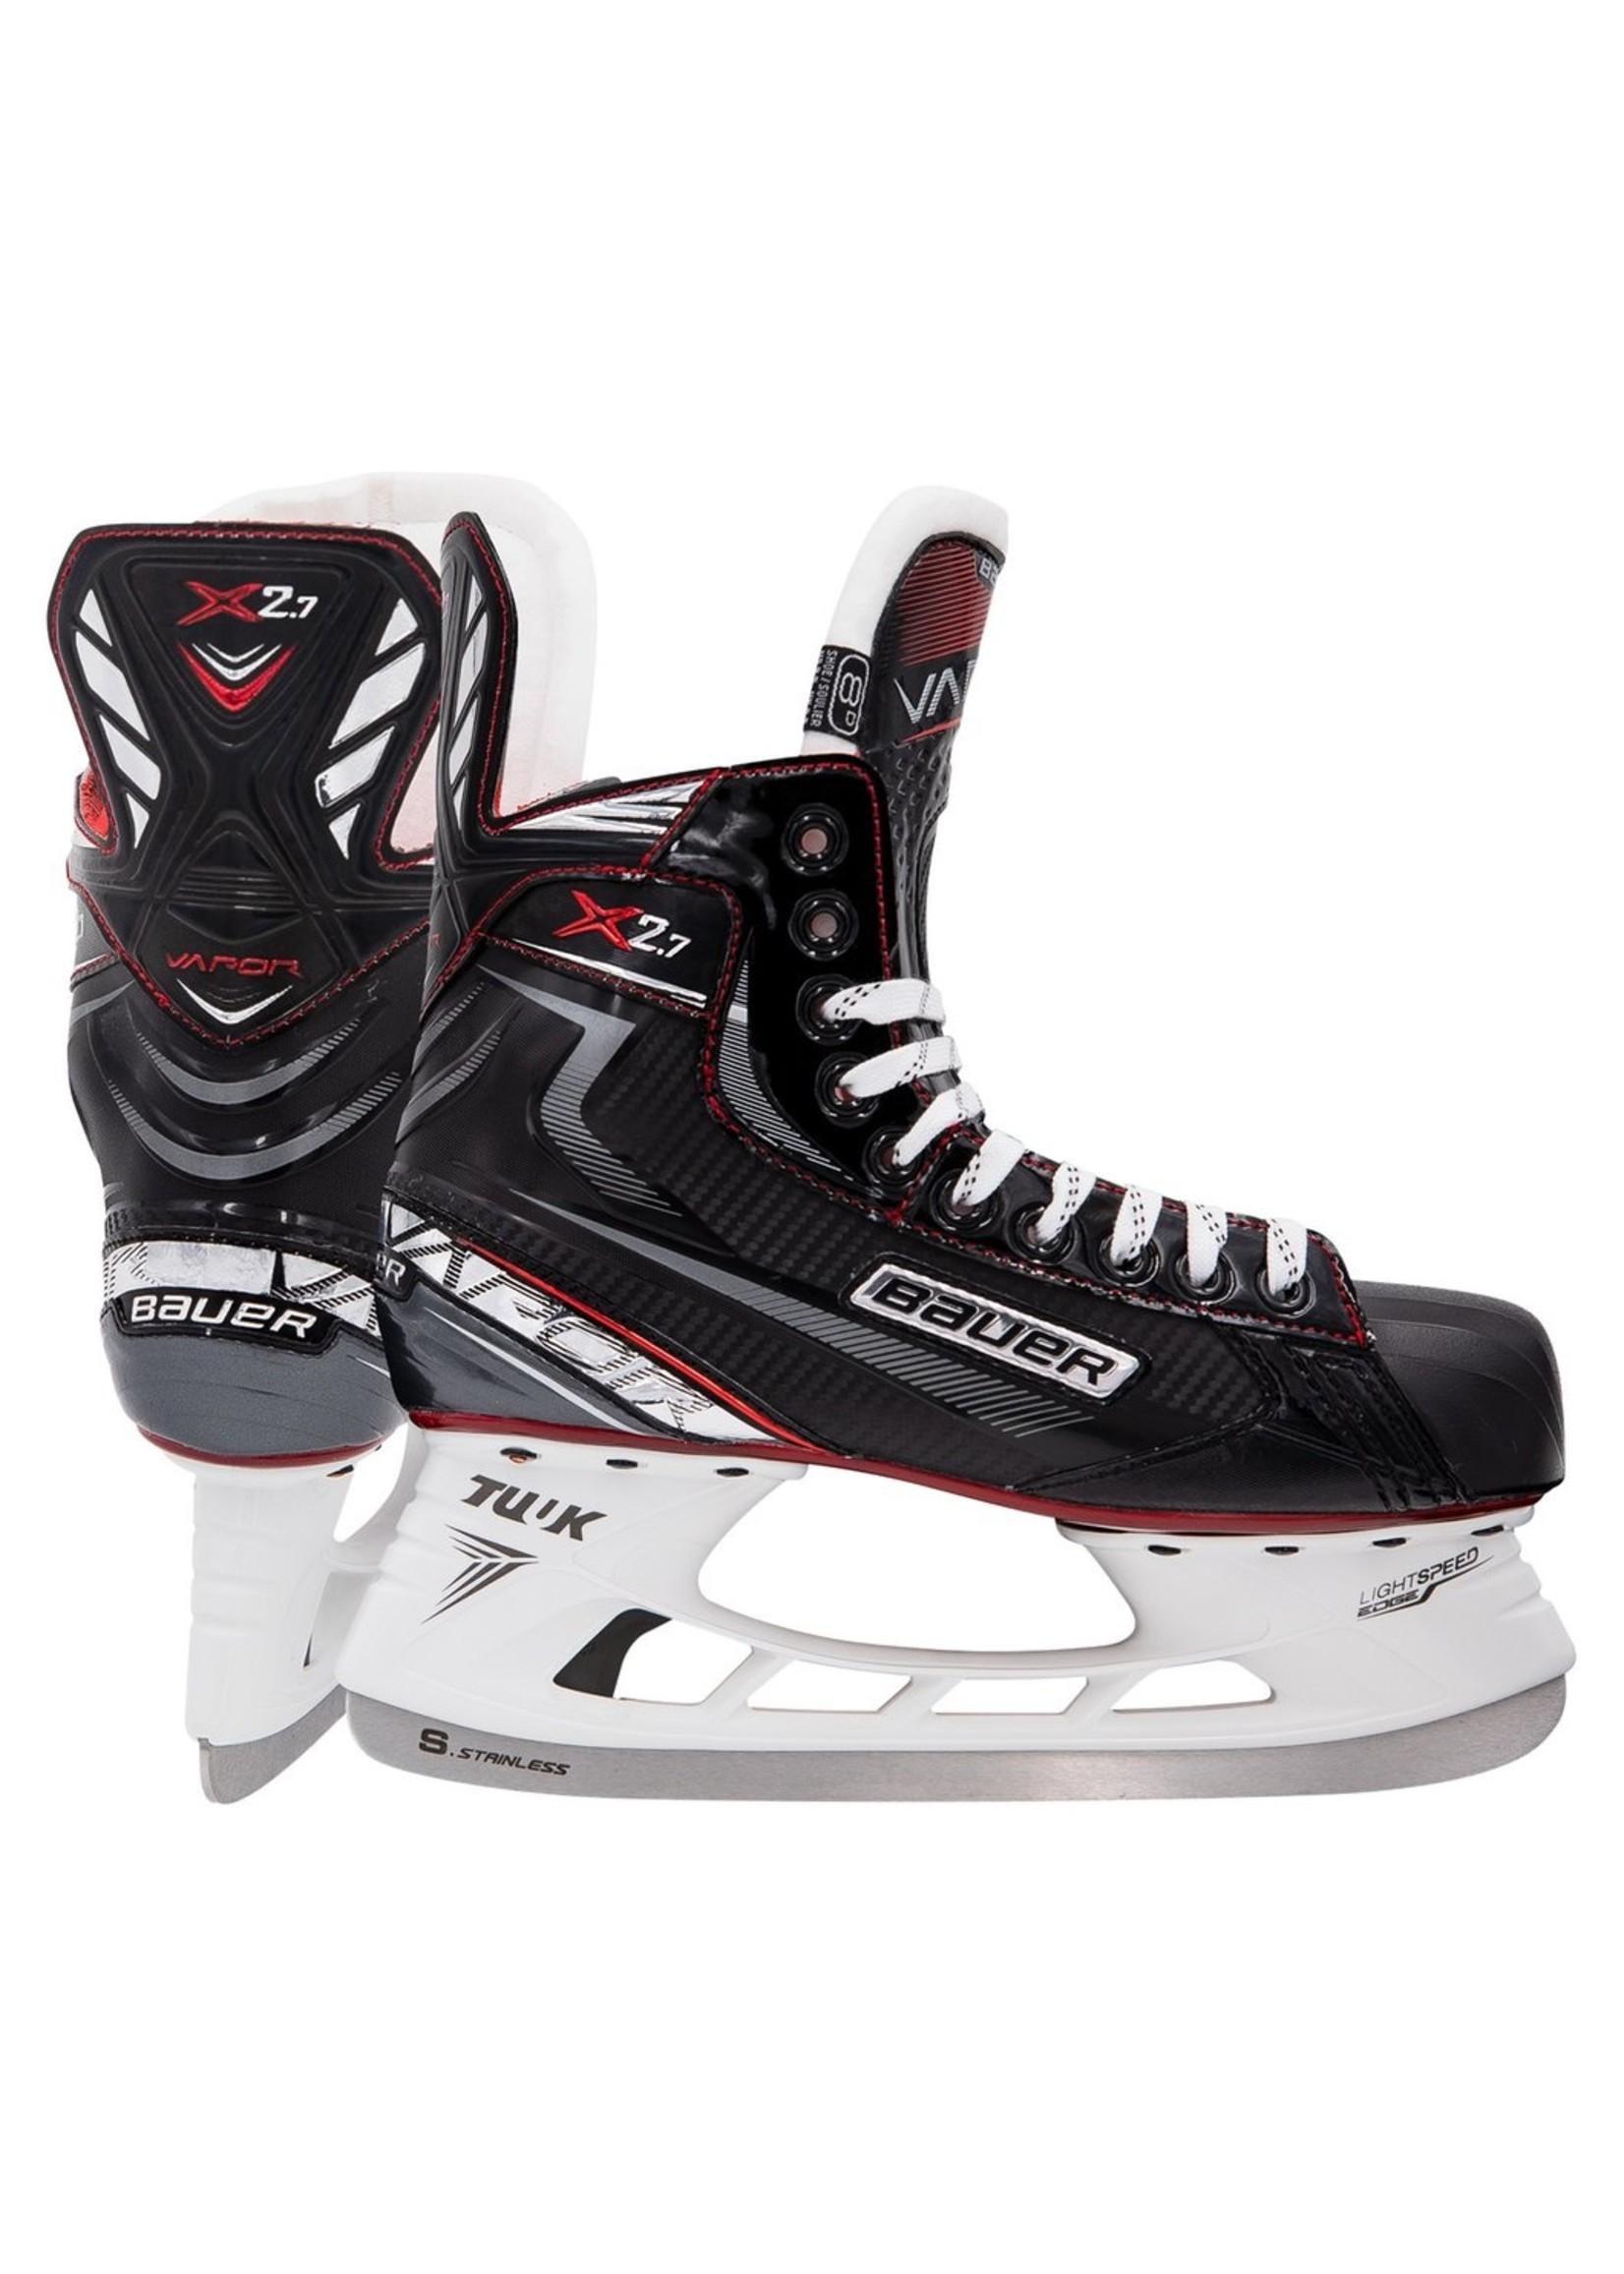 Bauer Hockey BAUER BTH19 VAPOR X2.7 PATINS